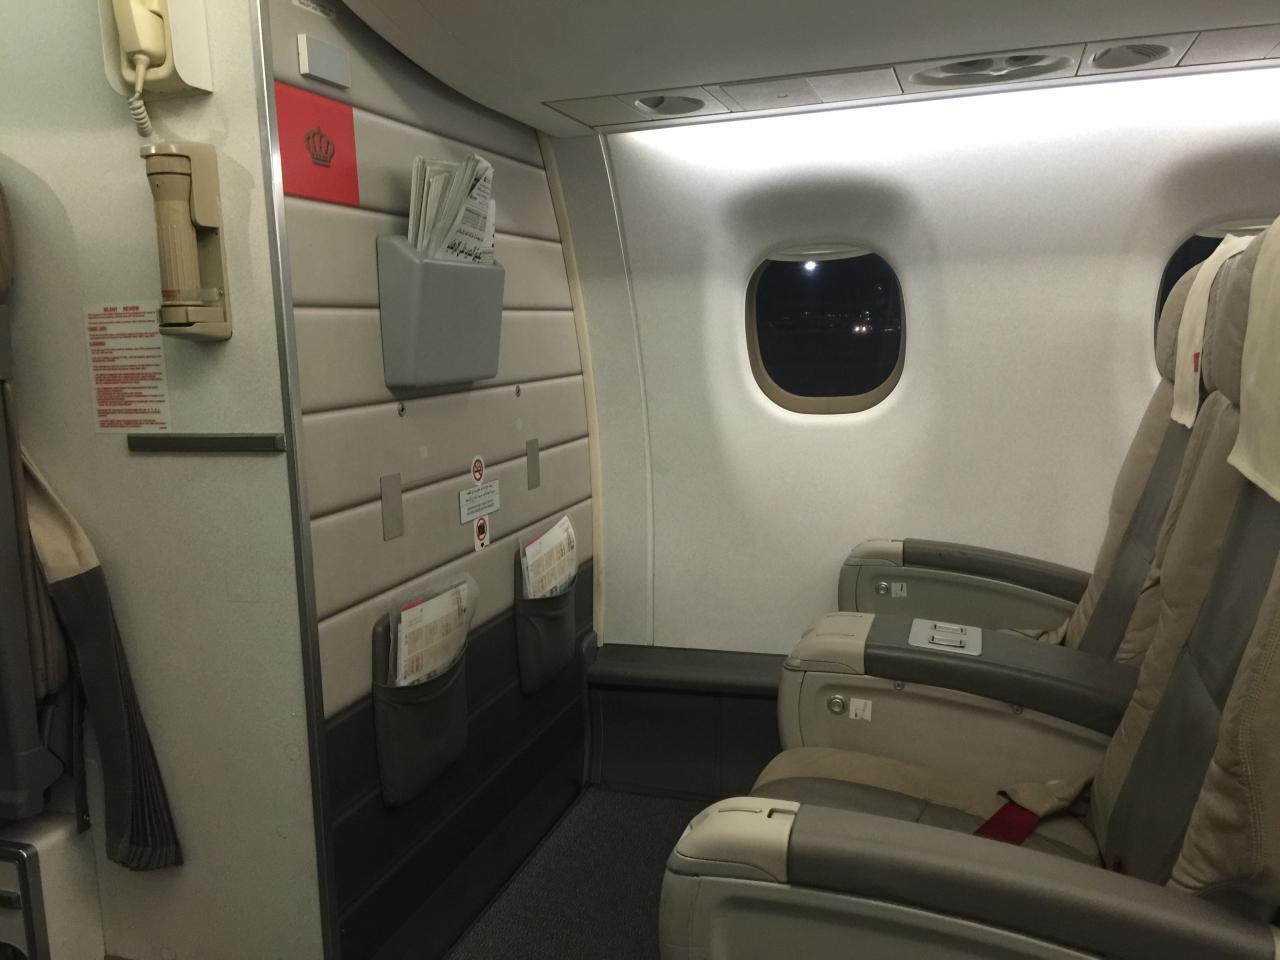 ロイヤルヨルダン航空 RJ340 アンマン⇒イスラエル テルアビブ ビジネスクラス